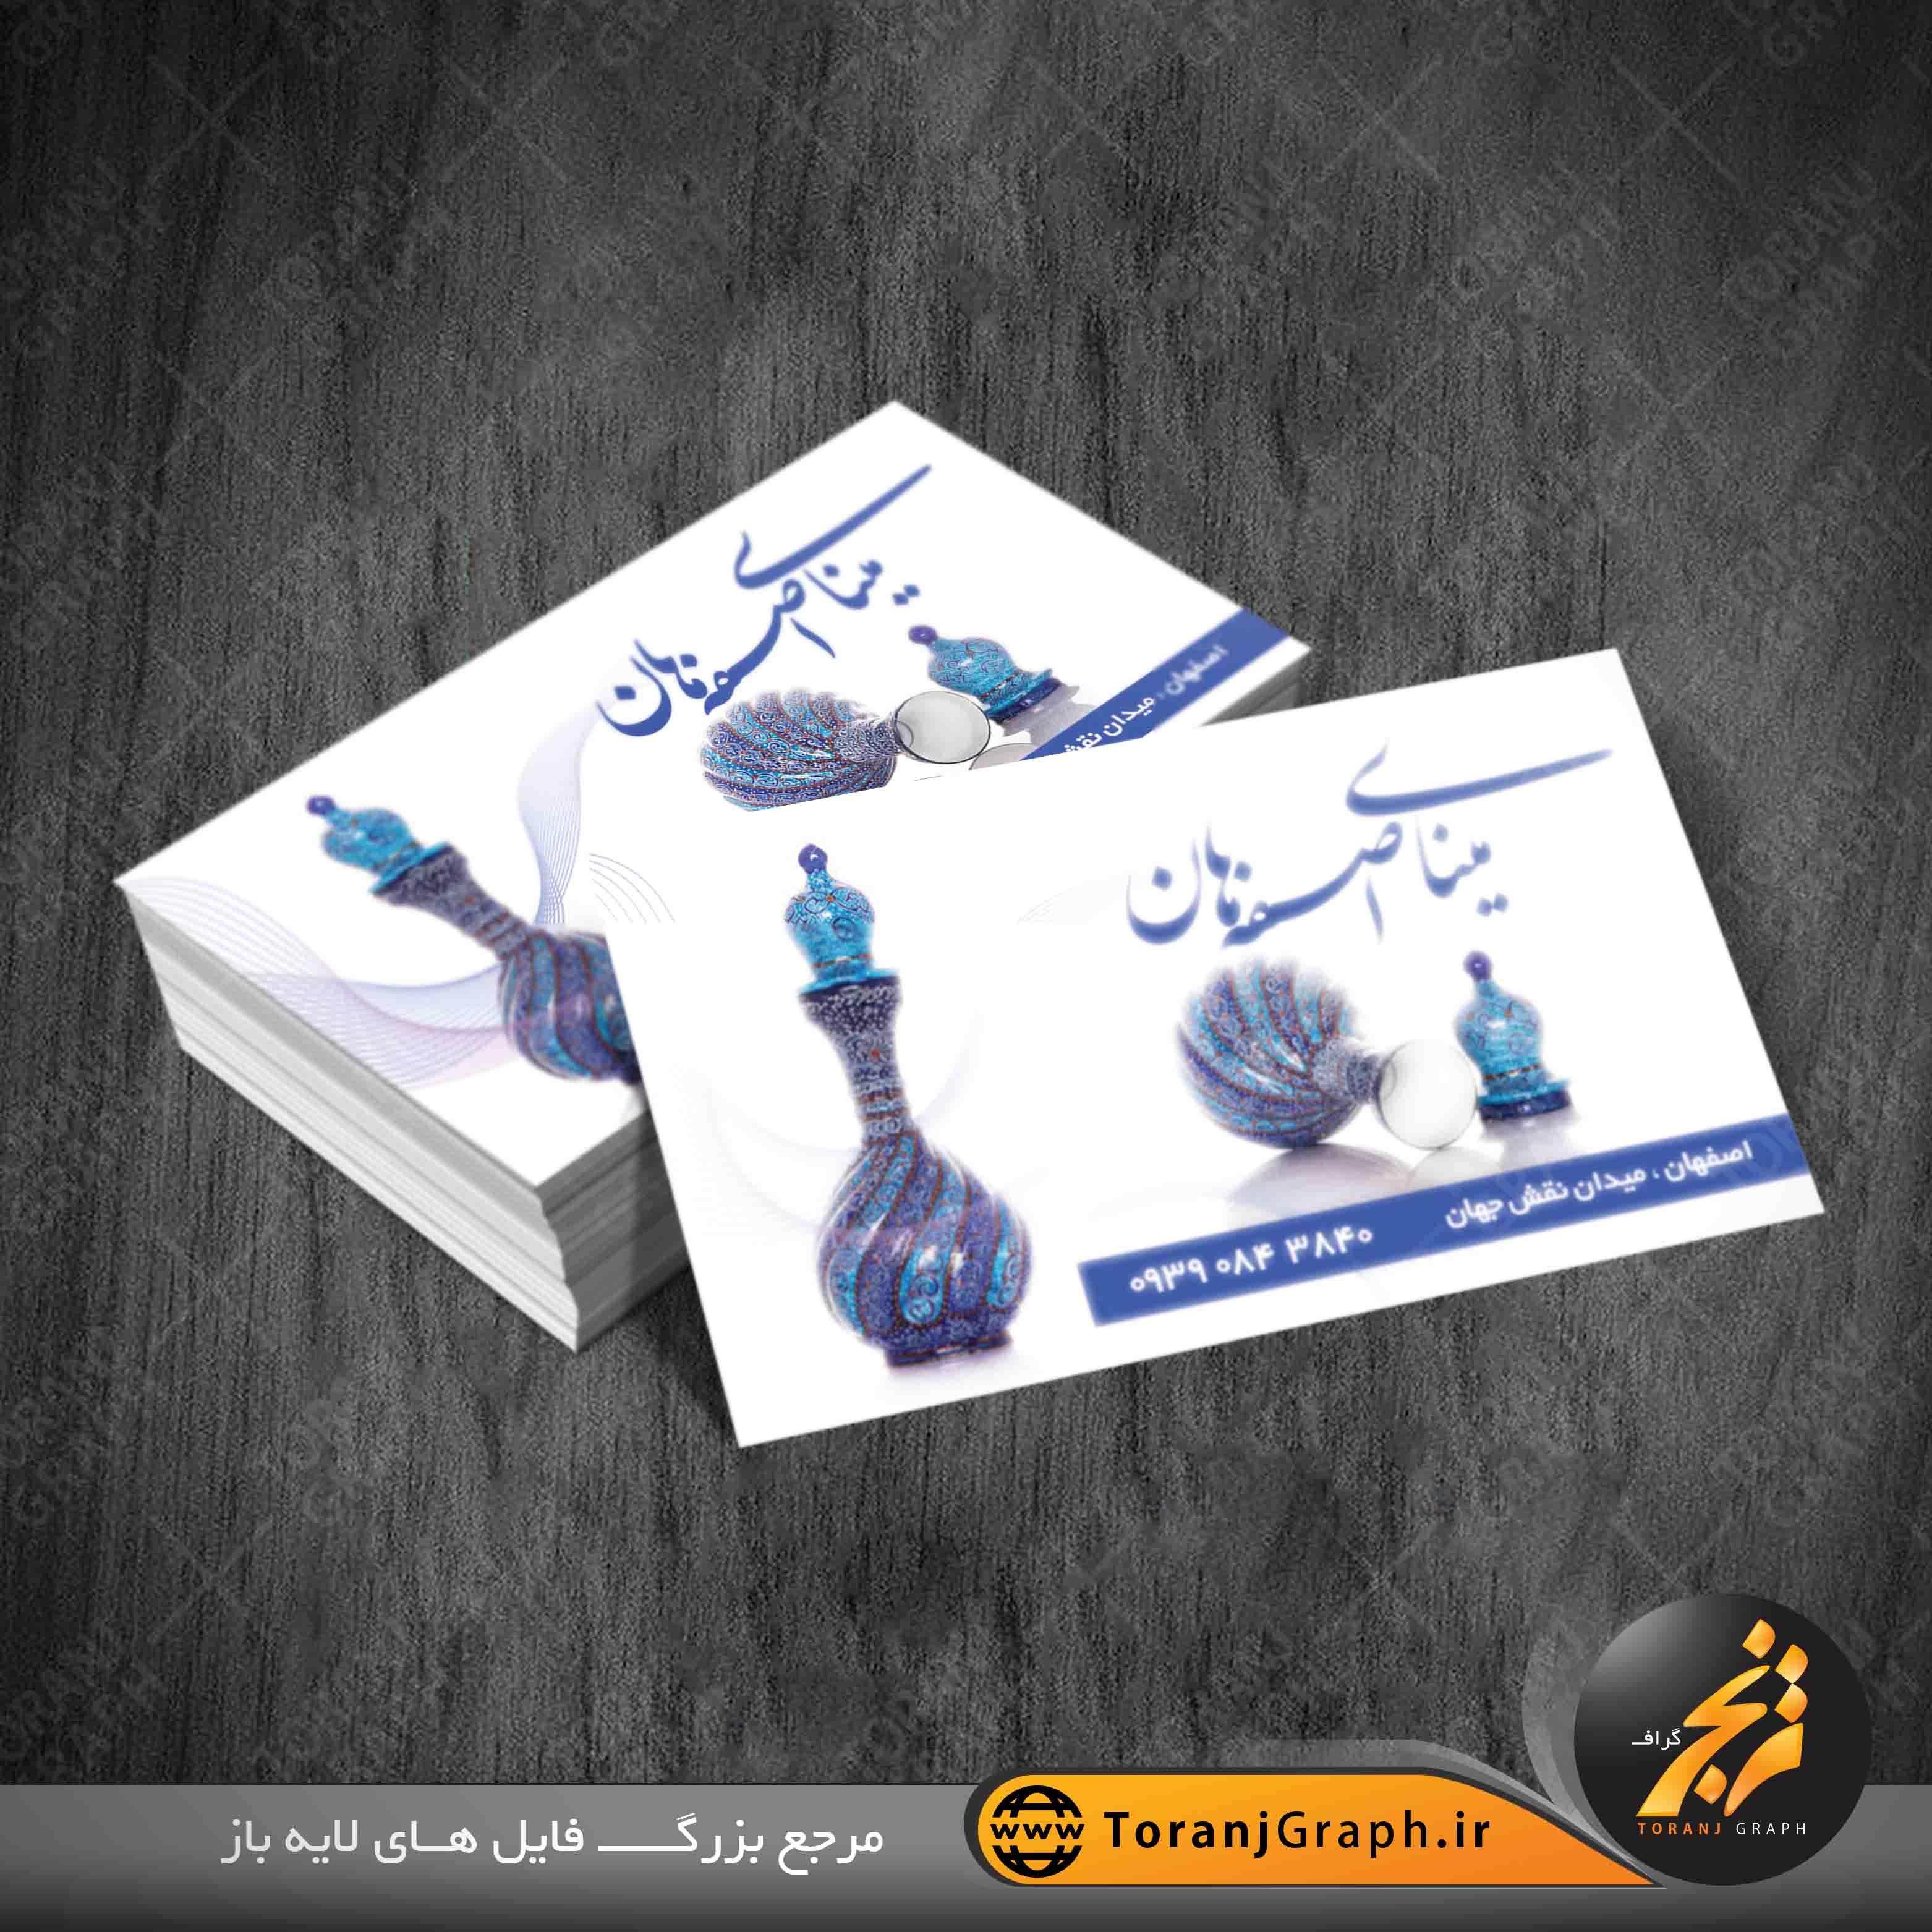 دانلود کارت ویزیت لایه باز صنایع دستی